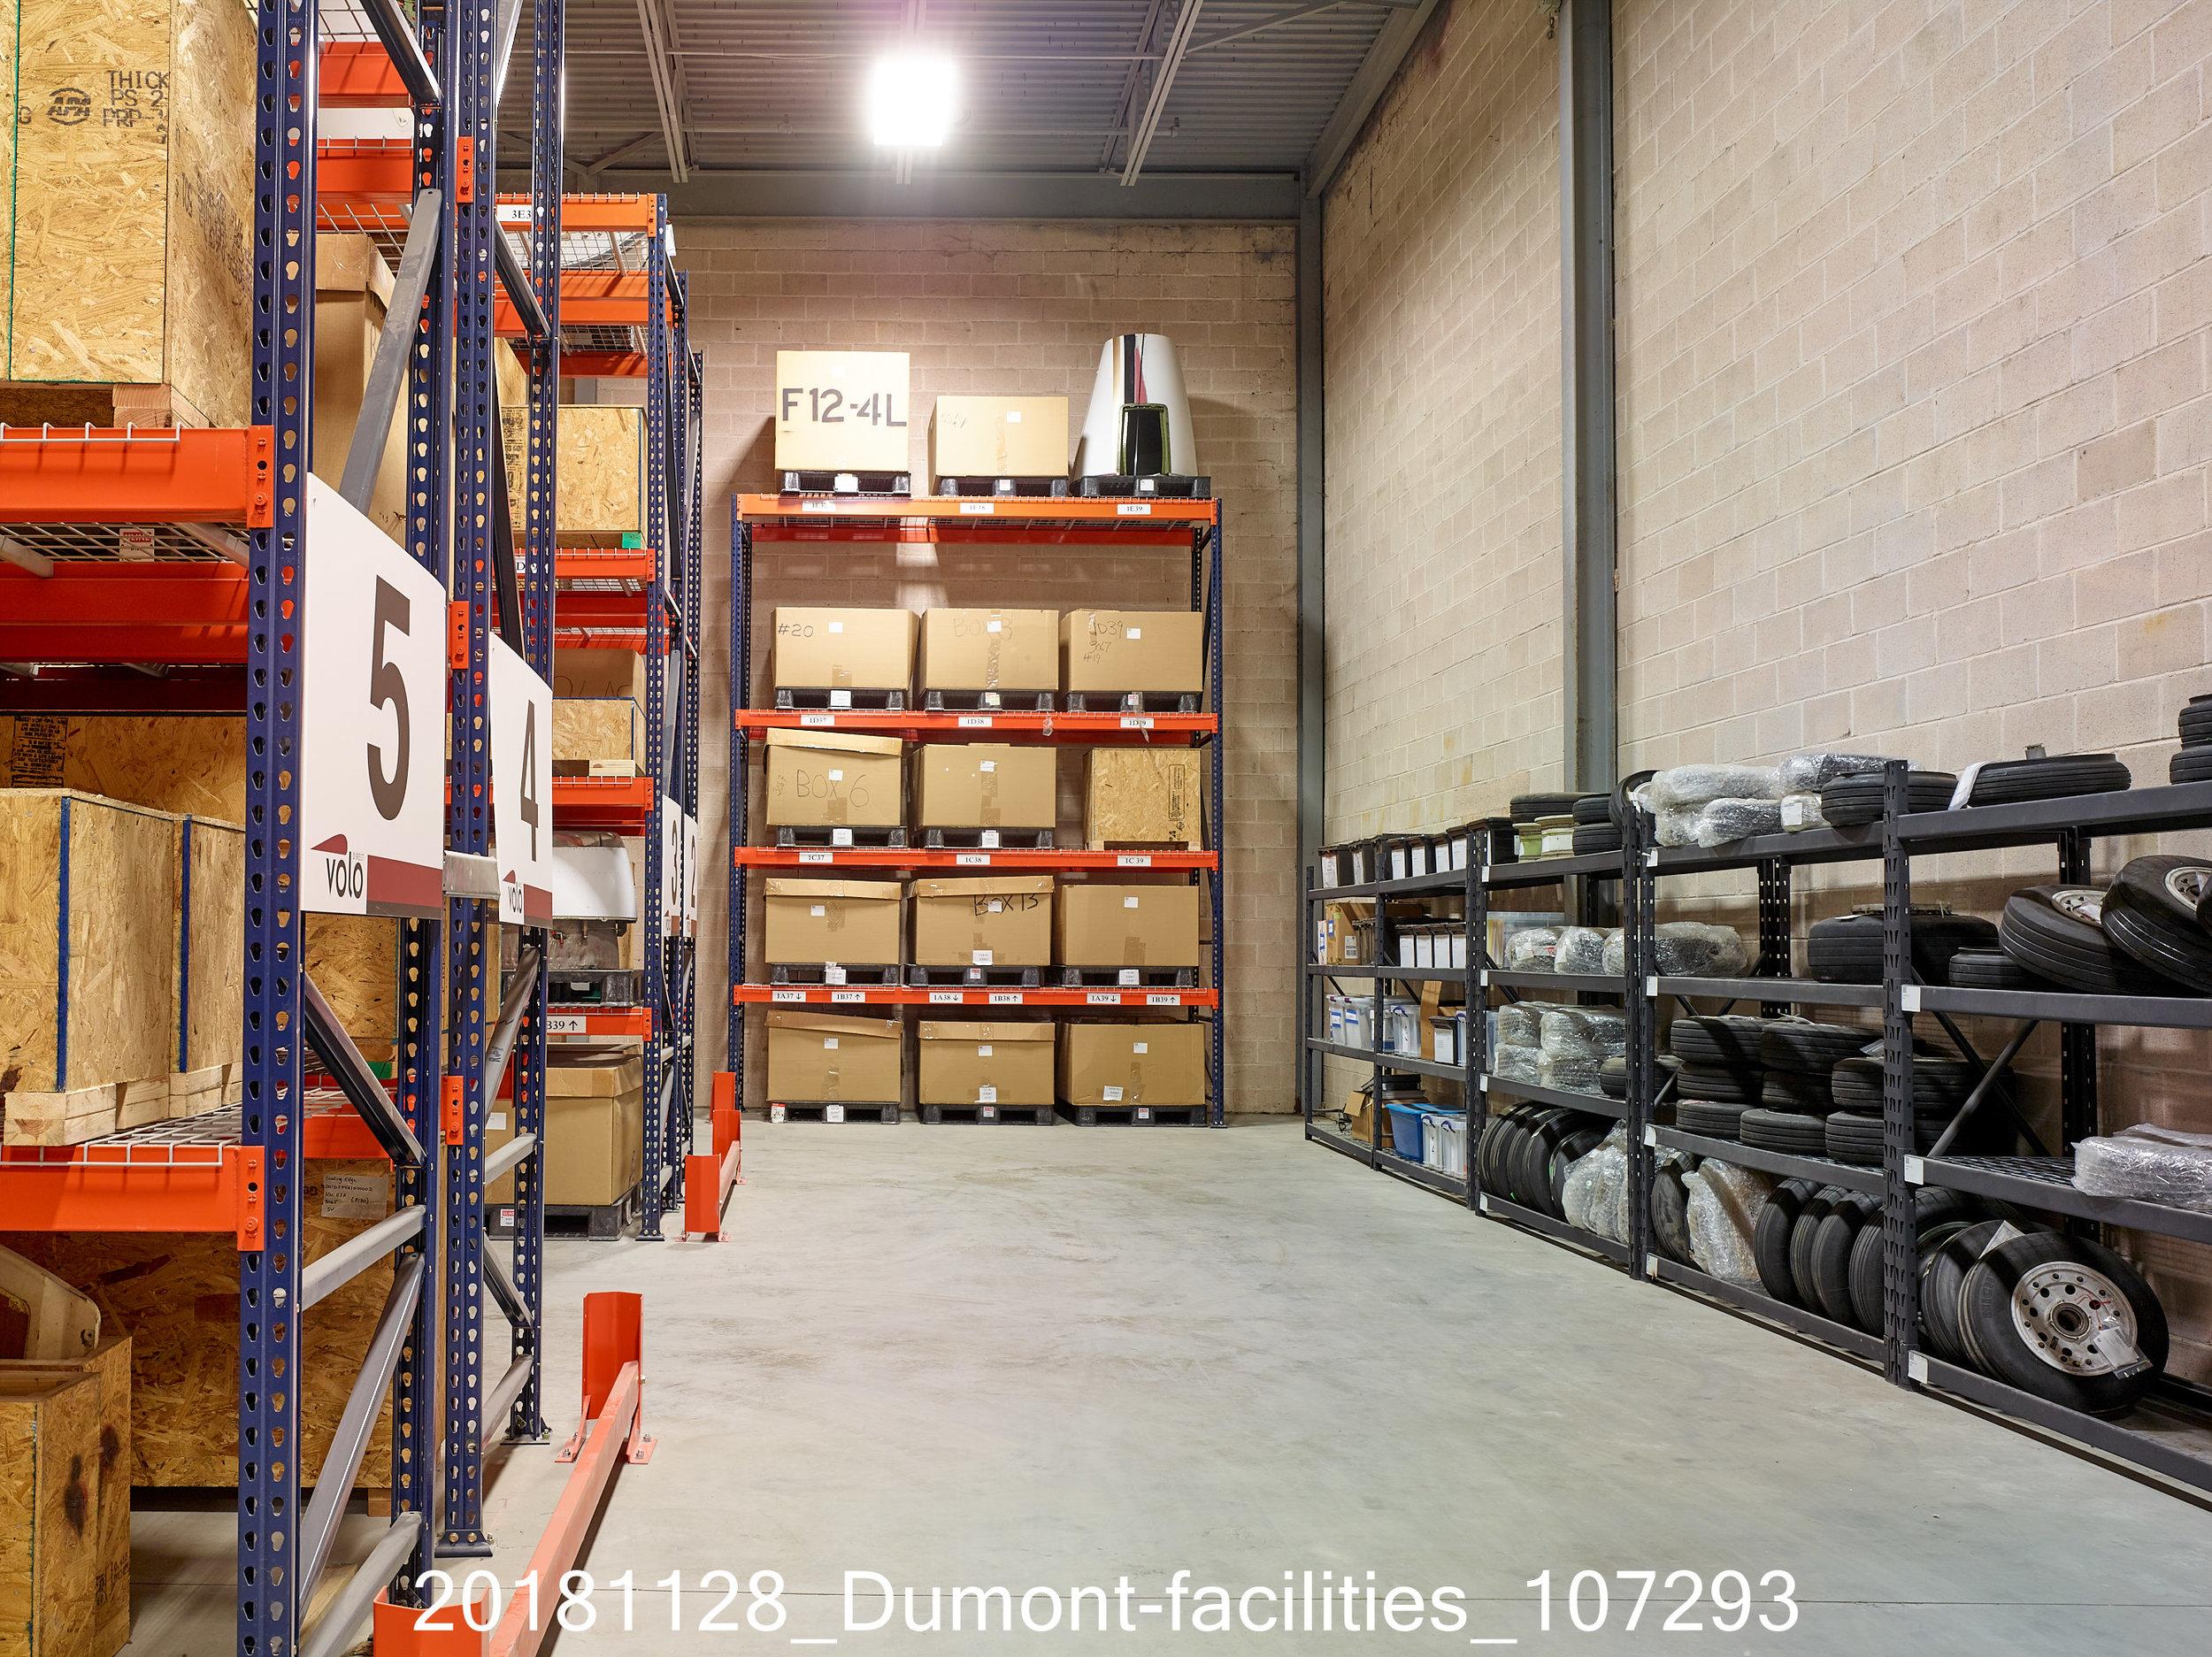 20181128_Dumont-facilities_107293.jpg